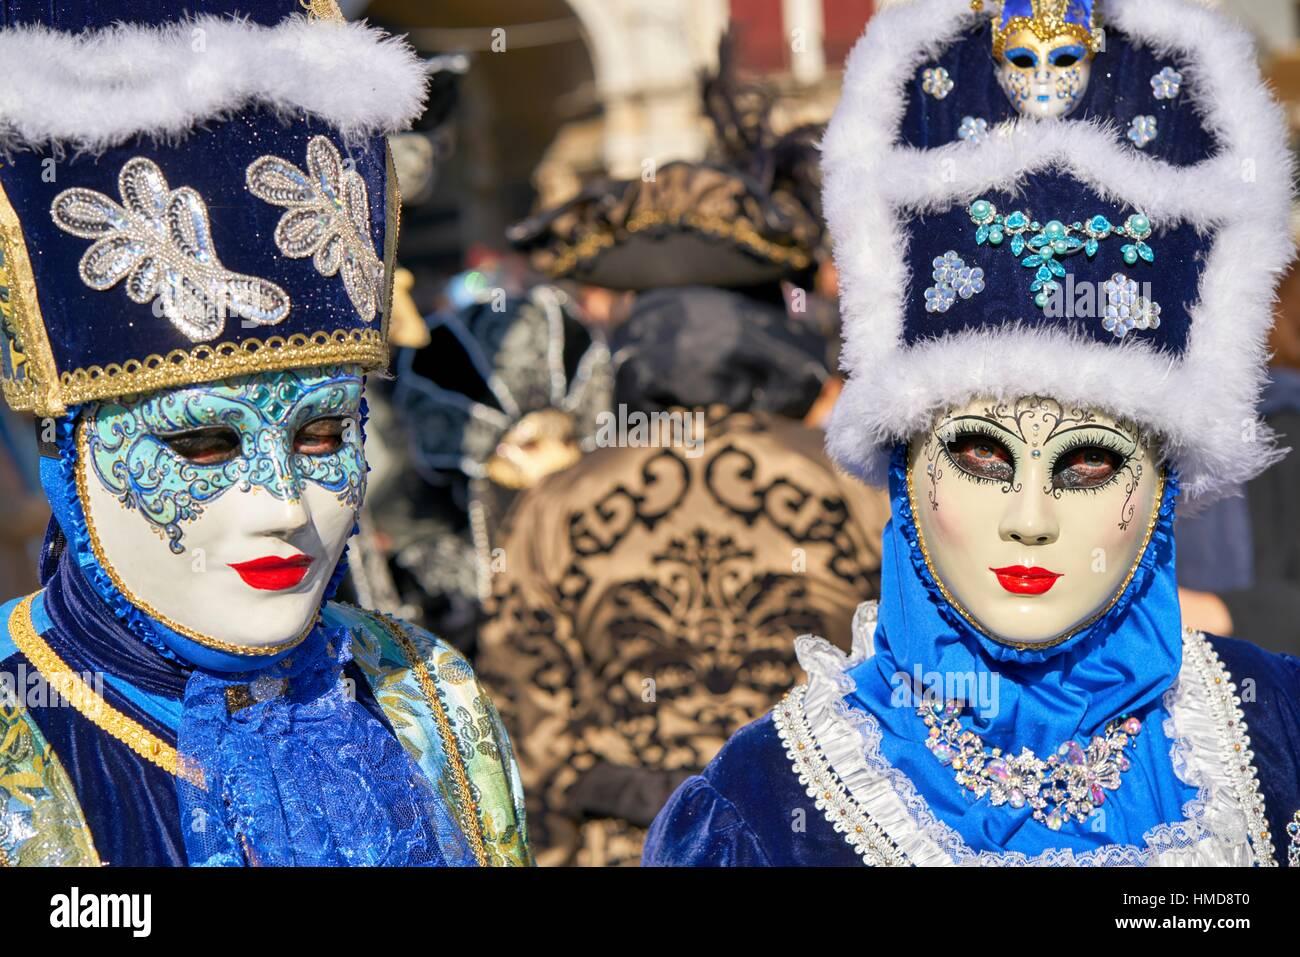 Artistique coloré masques au Carnaval de Venise. L'Italie par la Place Saint Marc. Banque D'Images